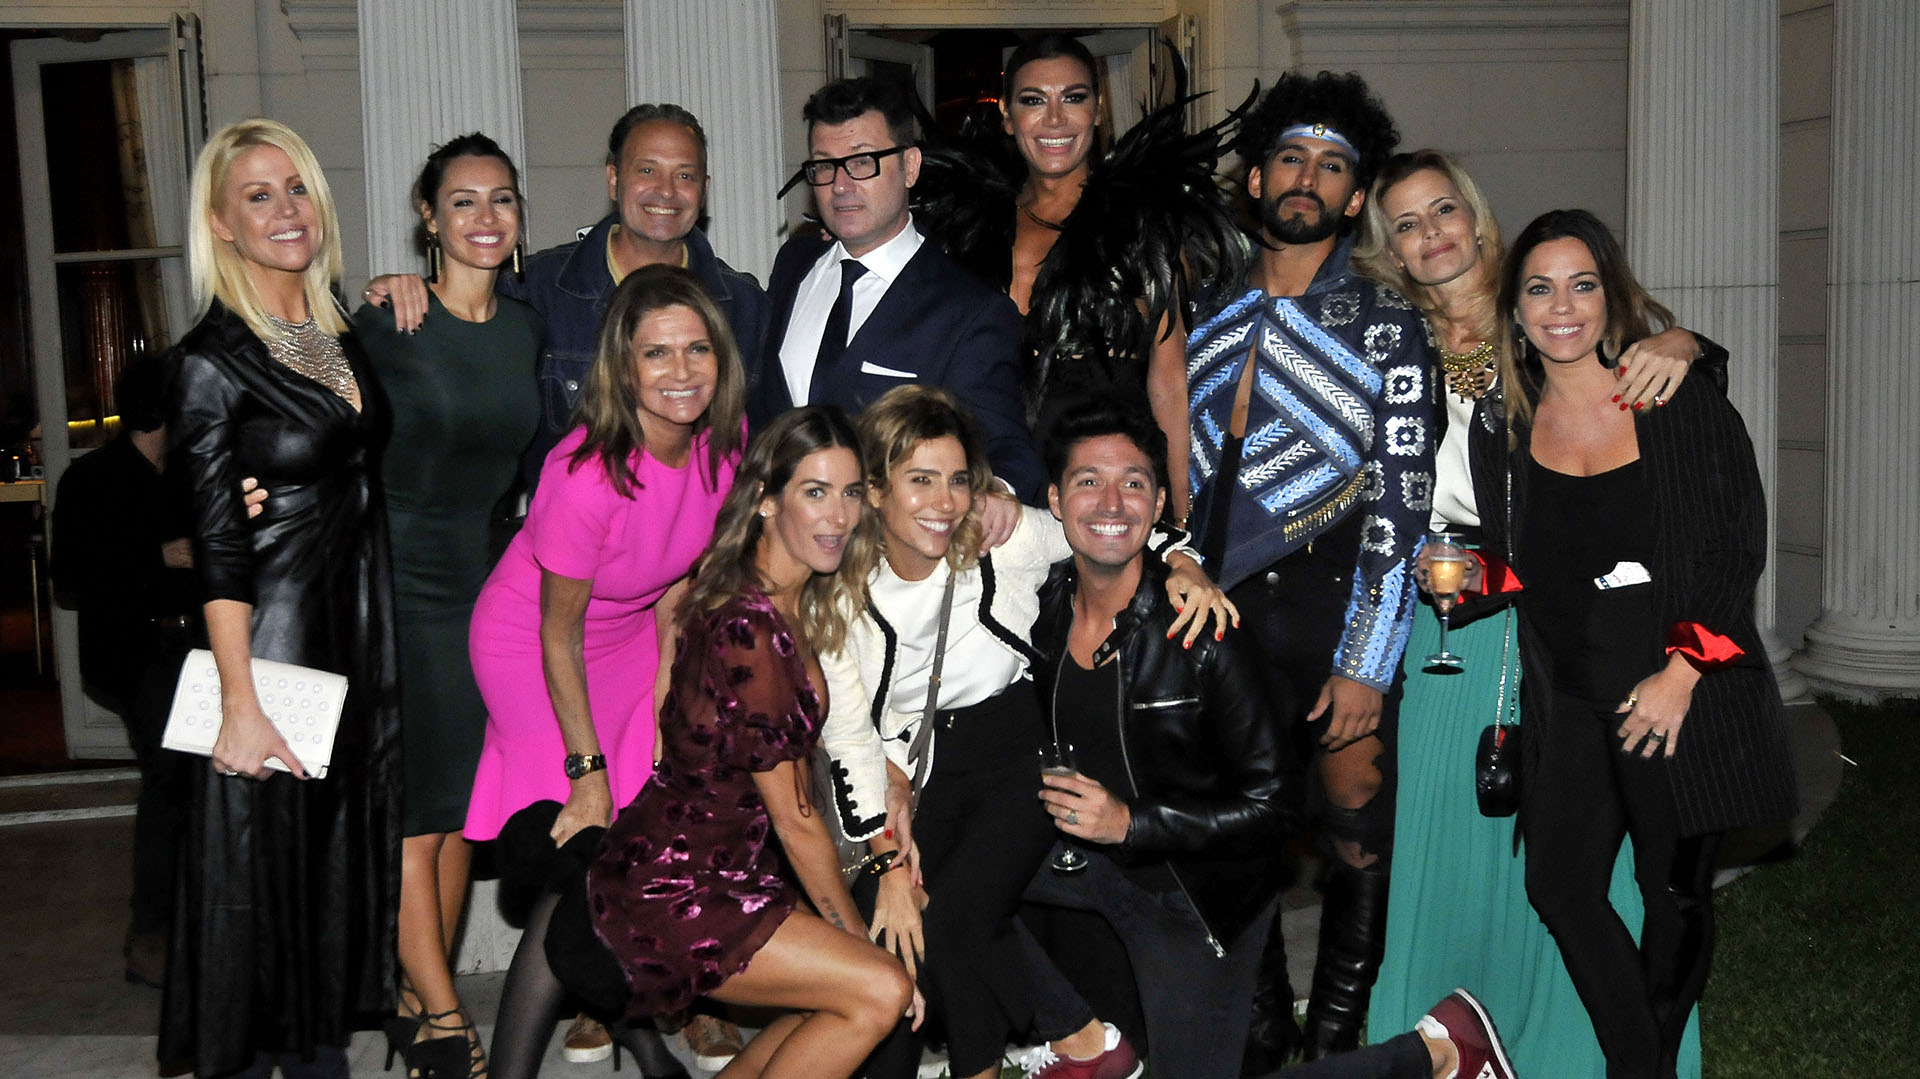 Oliveri estuvo acompañado por muchas celebridades en el evento